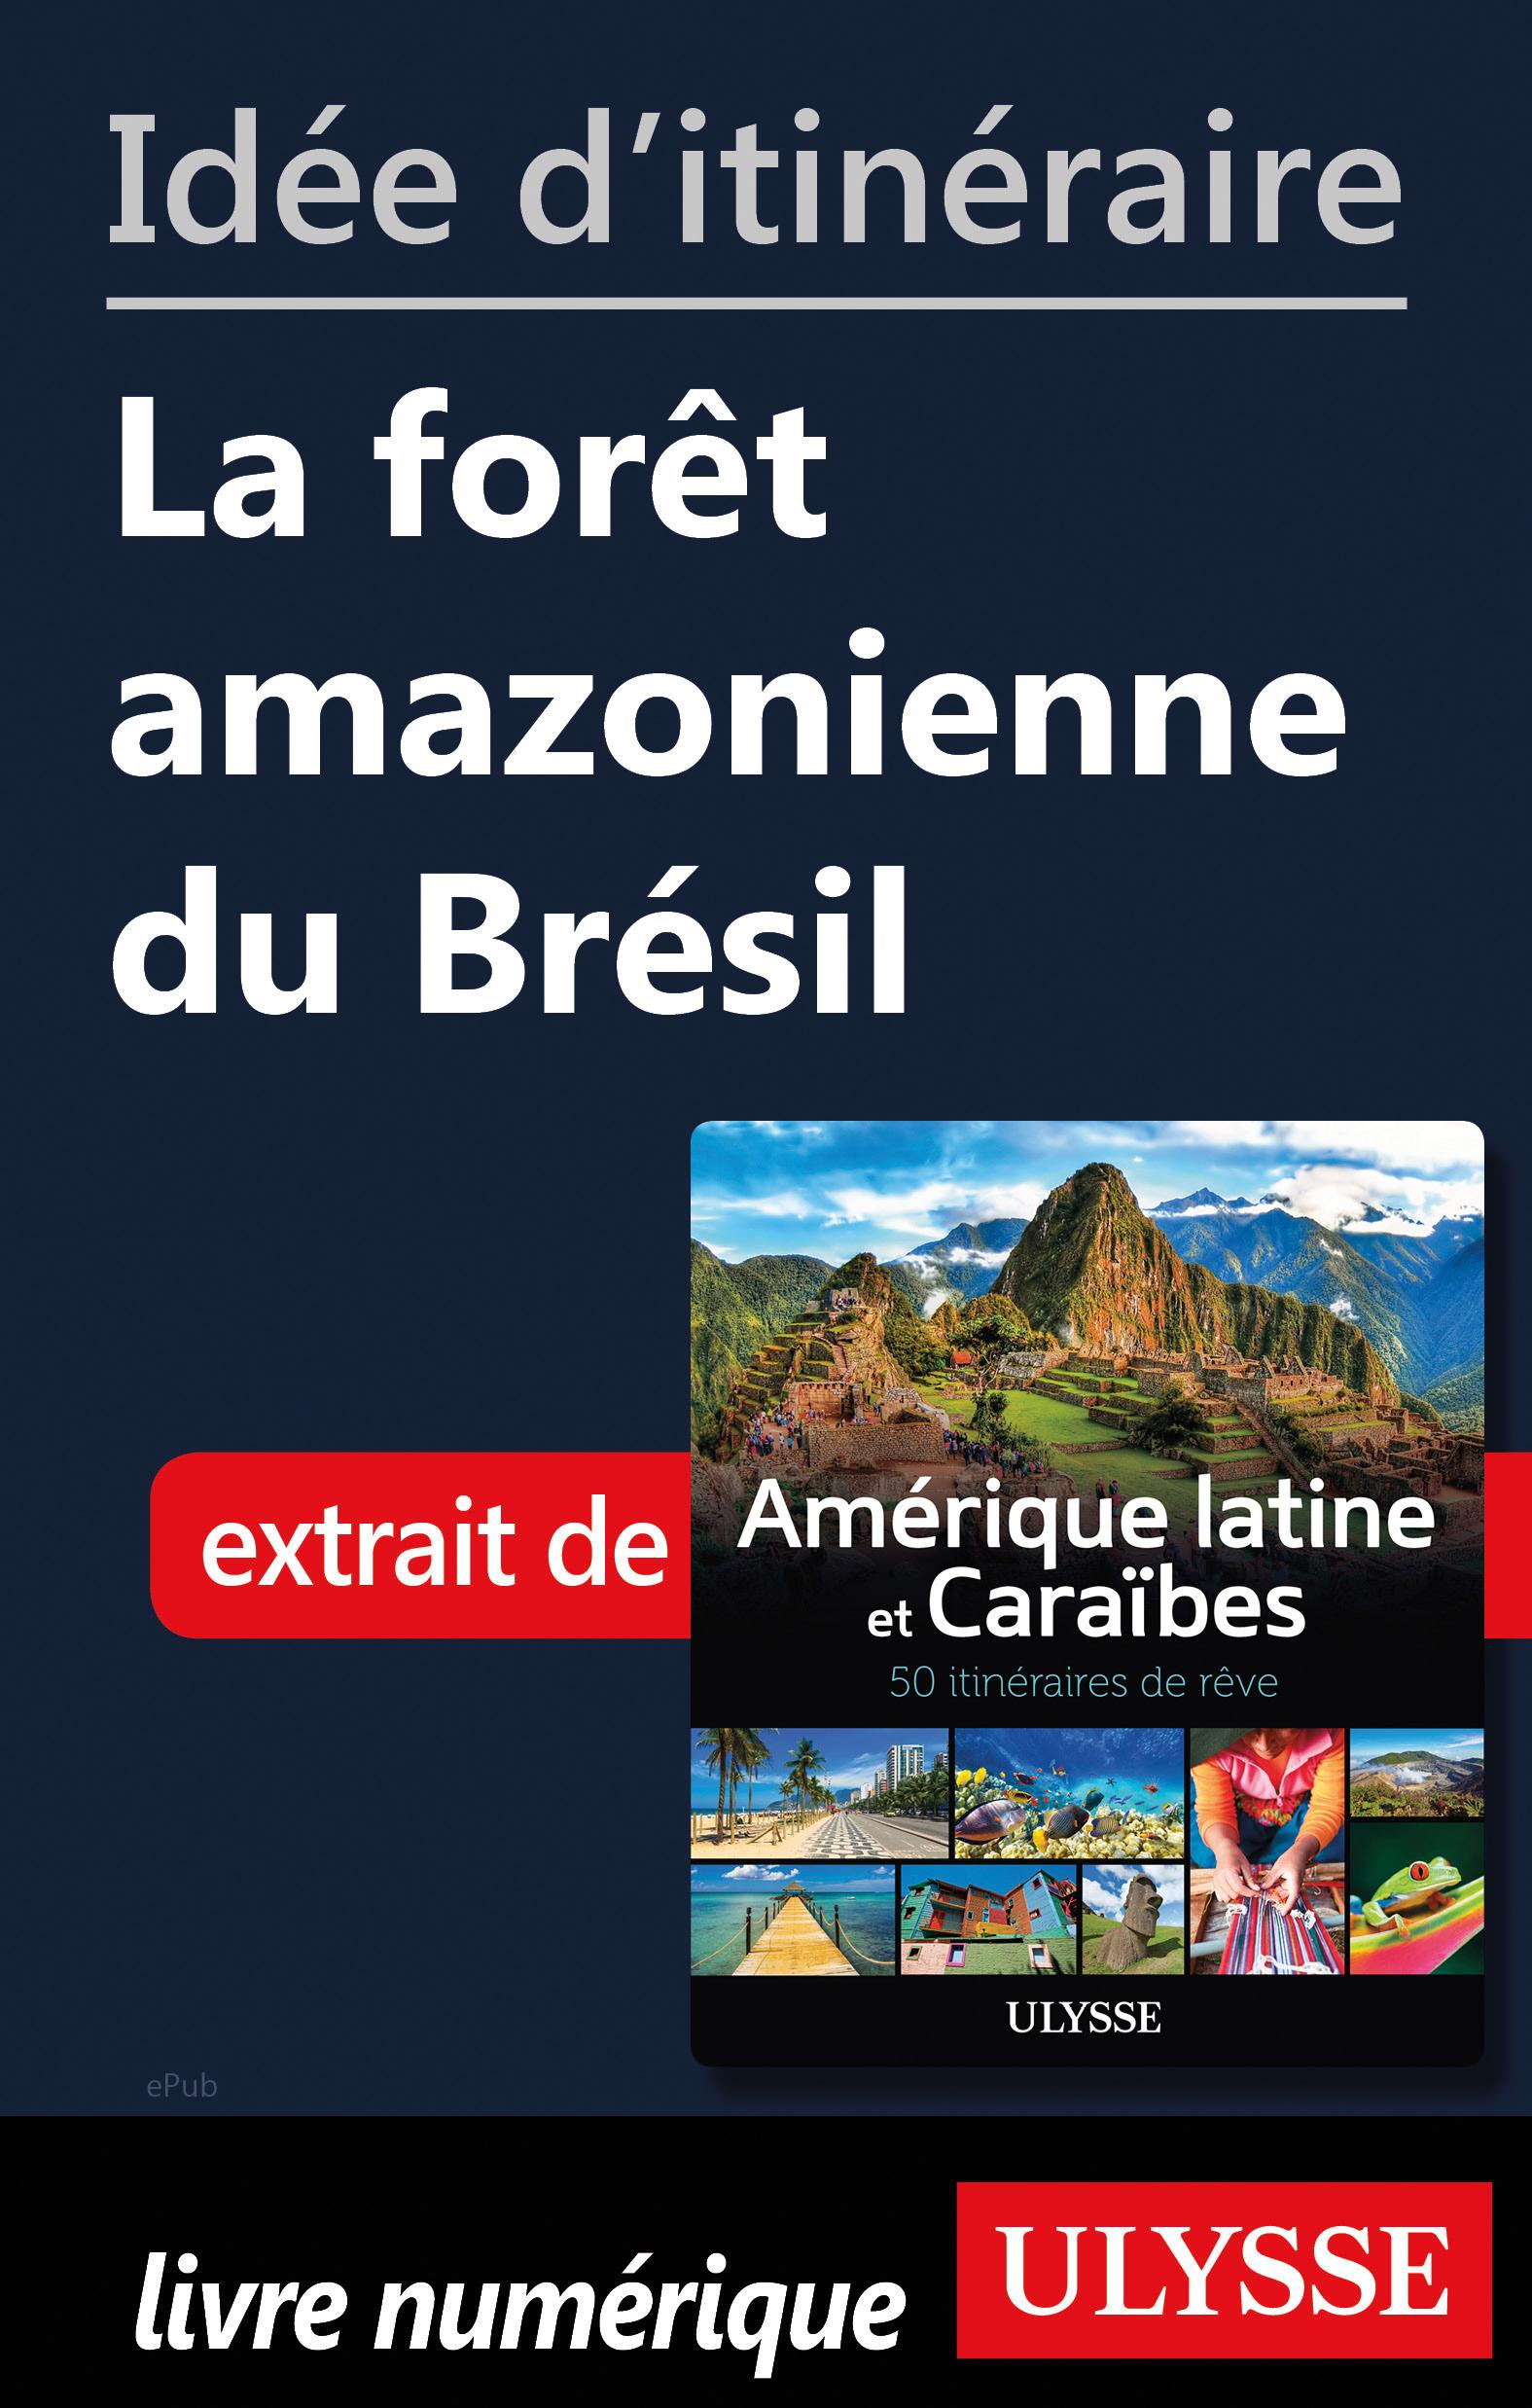 Idée d'itinéraire - La forêt amazonienne du Brésil